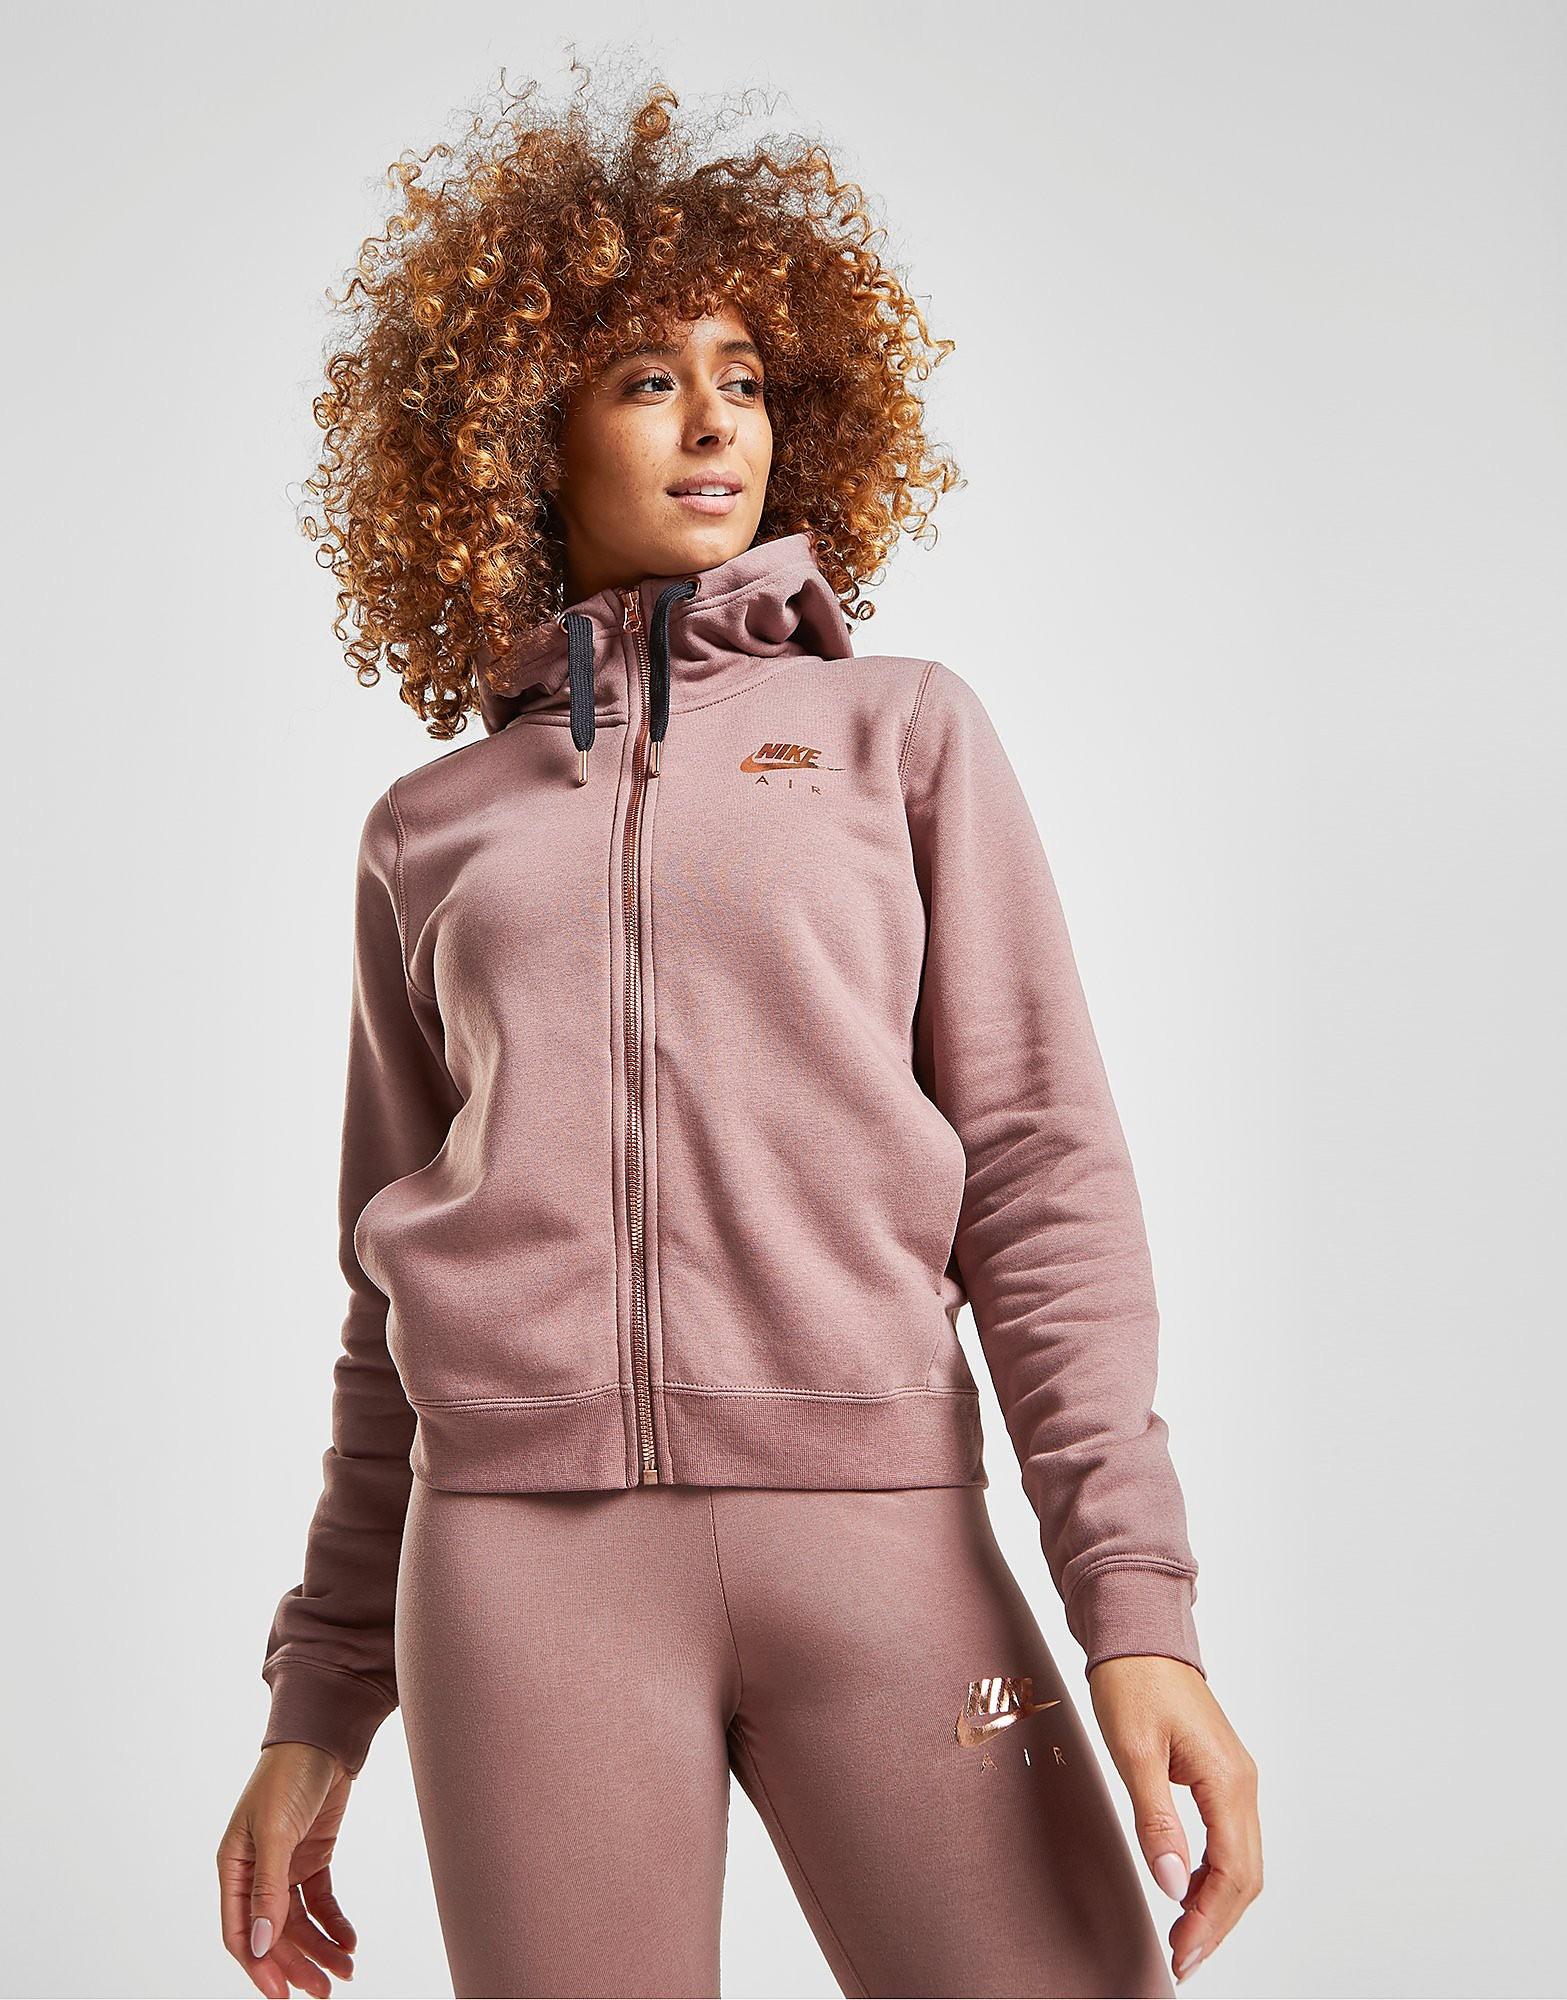 Nike Air Full Zip Hoodie - Bruin - Dames